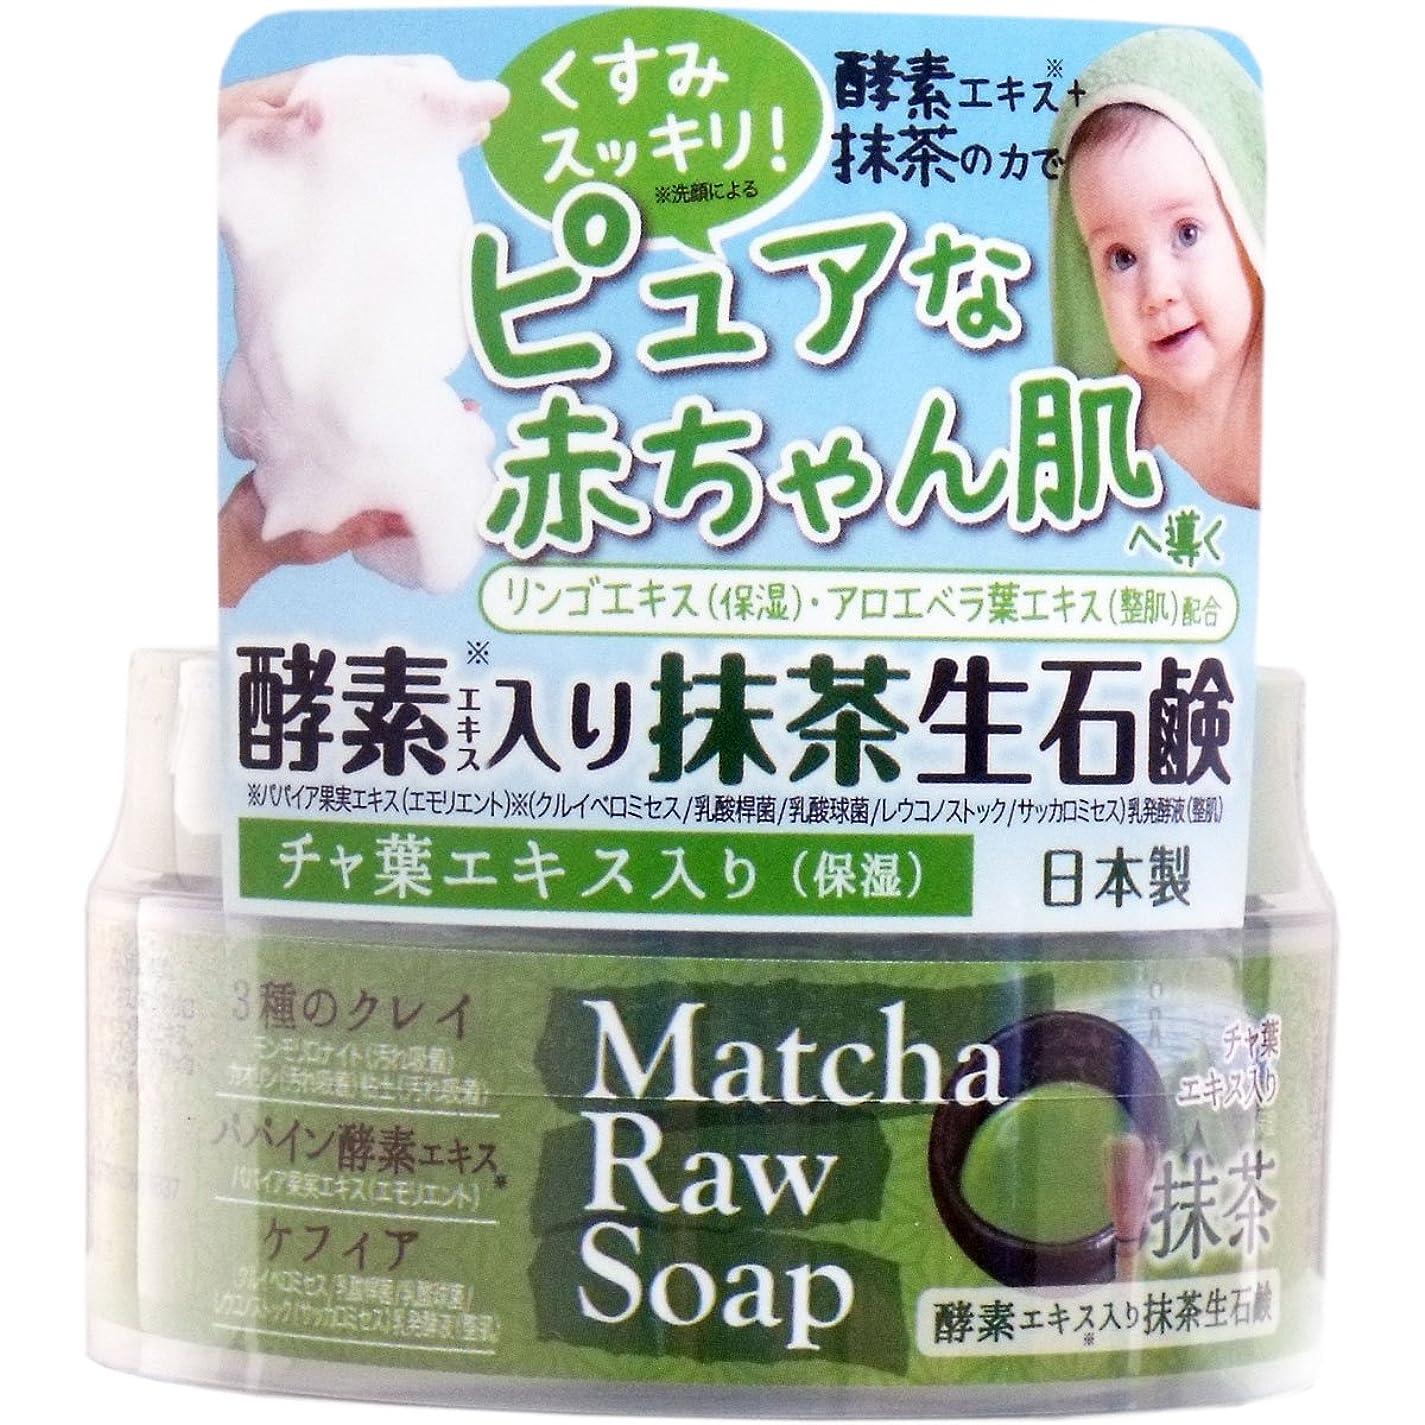 予見する宣伝資本酵素エキス入り抹茶生石鹸